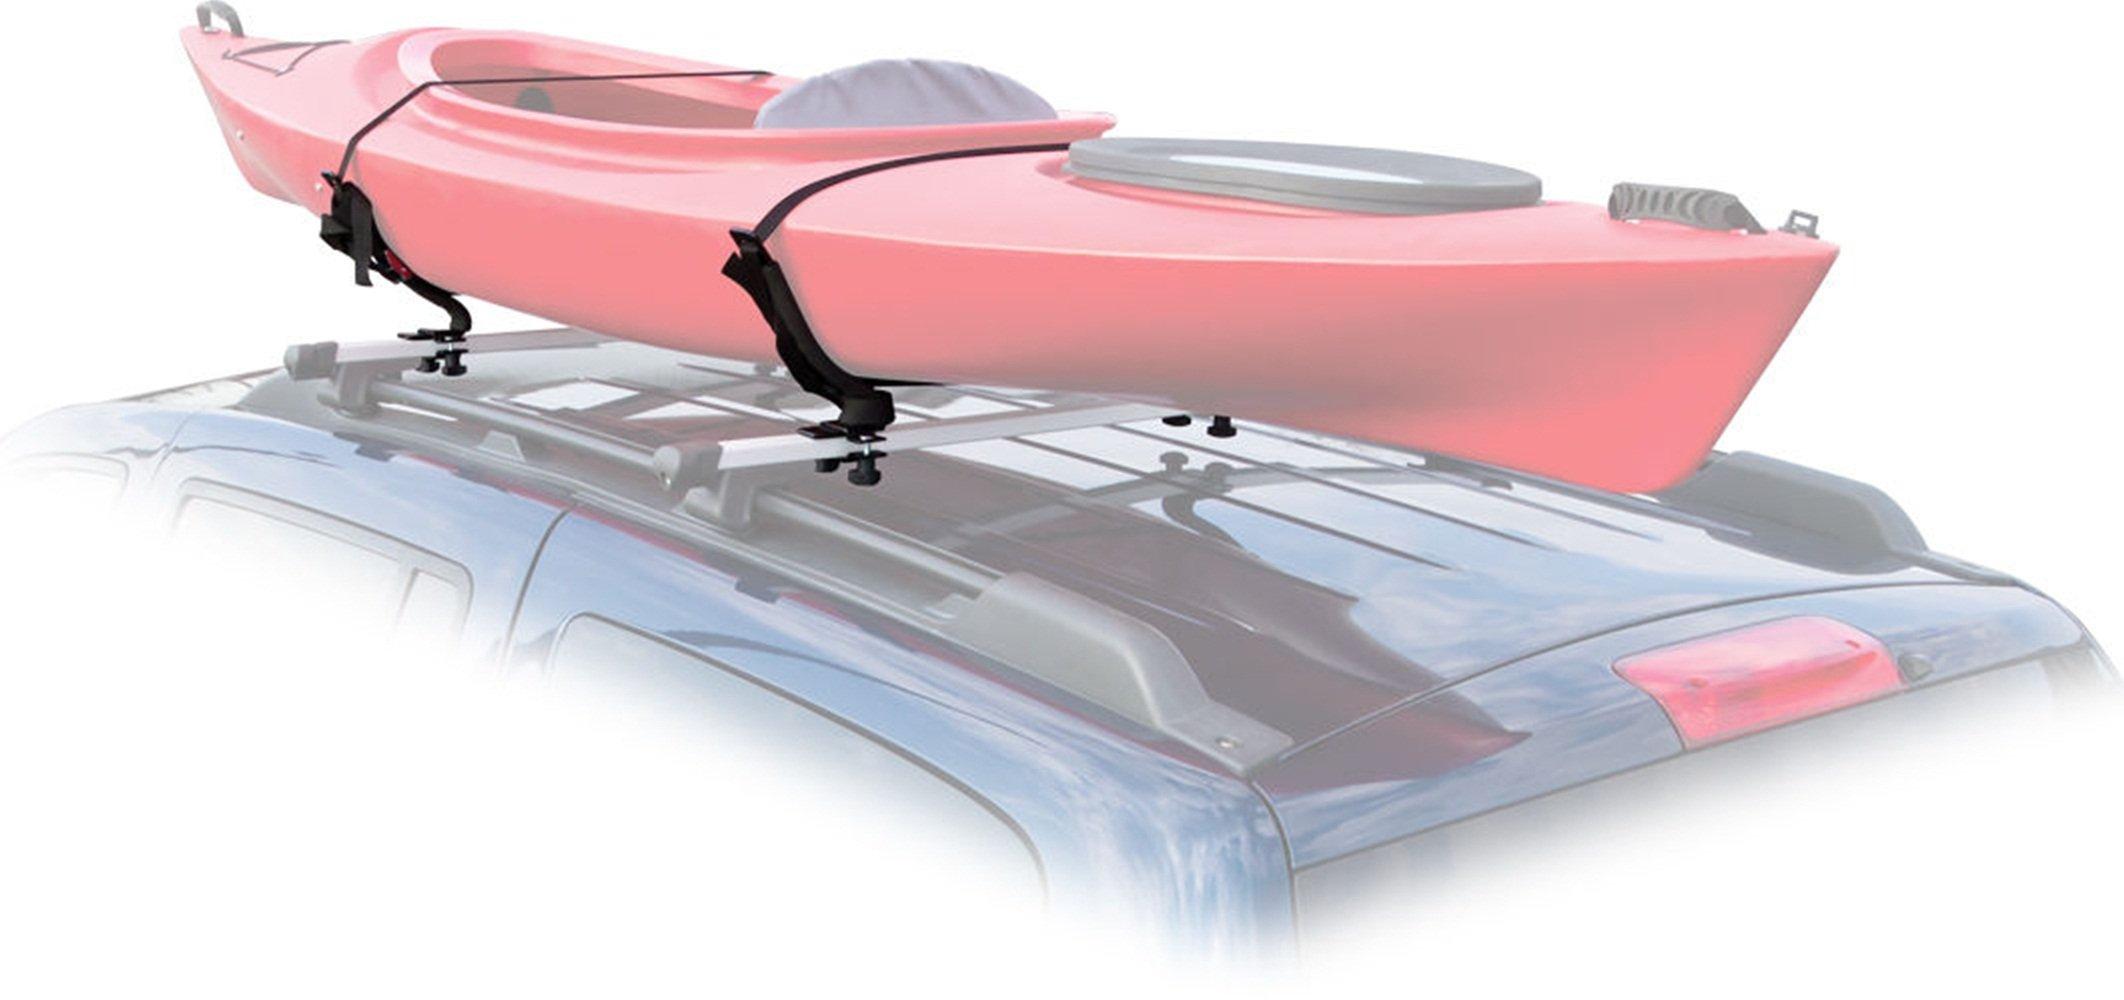 Kayak Holder Truck SUV Cross Bar V Rack Top Carrier Holder for Canoe or Kayak Fits on Vehicle